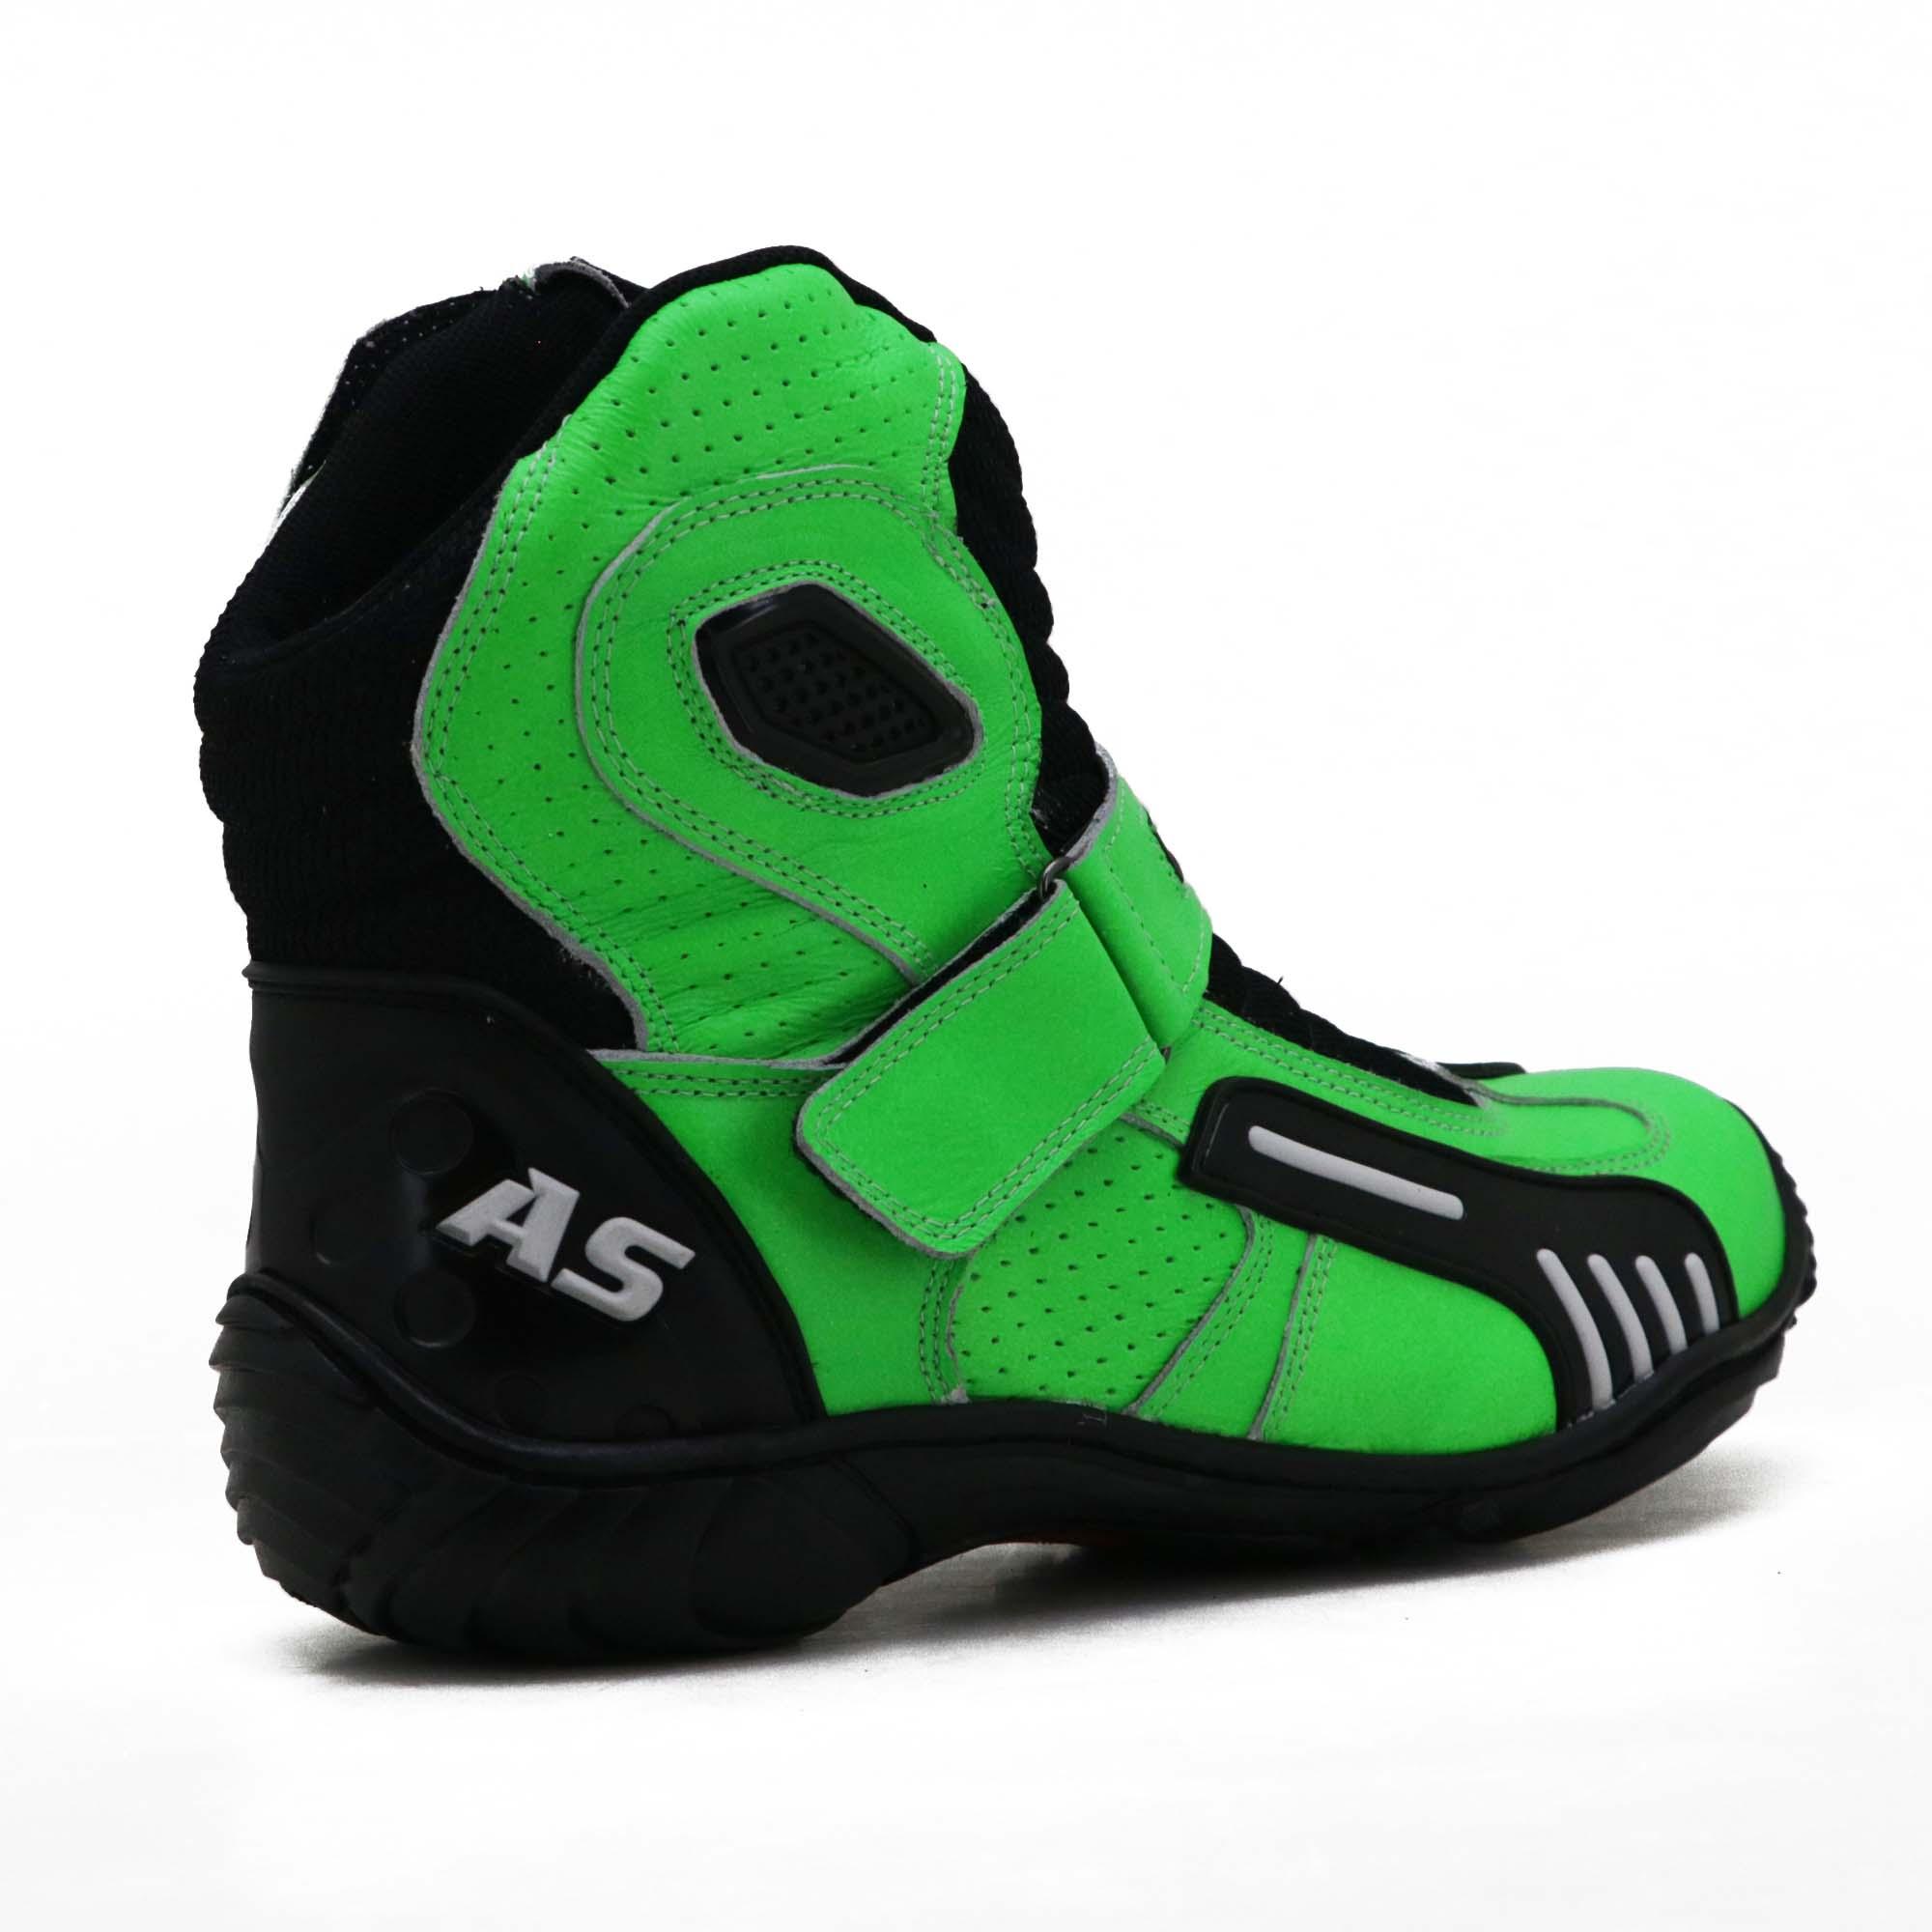 Bota motociclista AS-RACING Vented em couro legítimo na cor verde